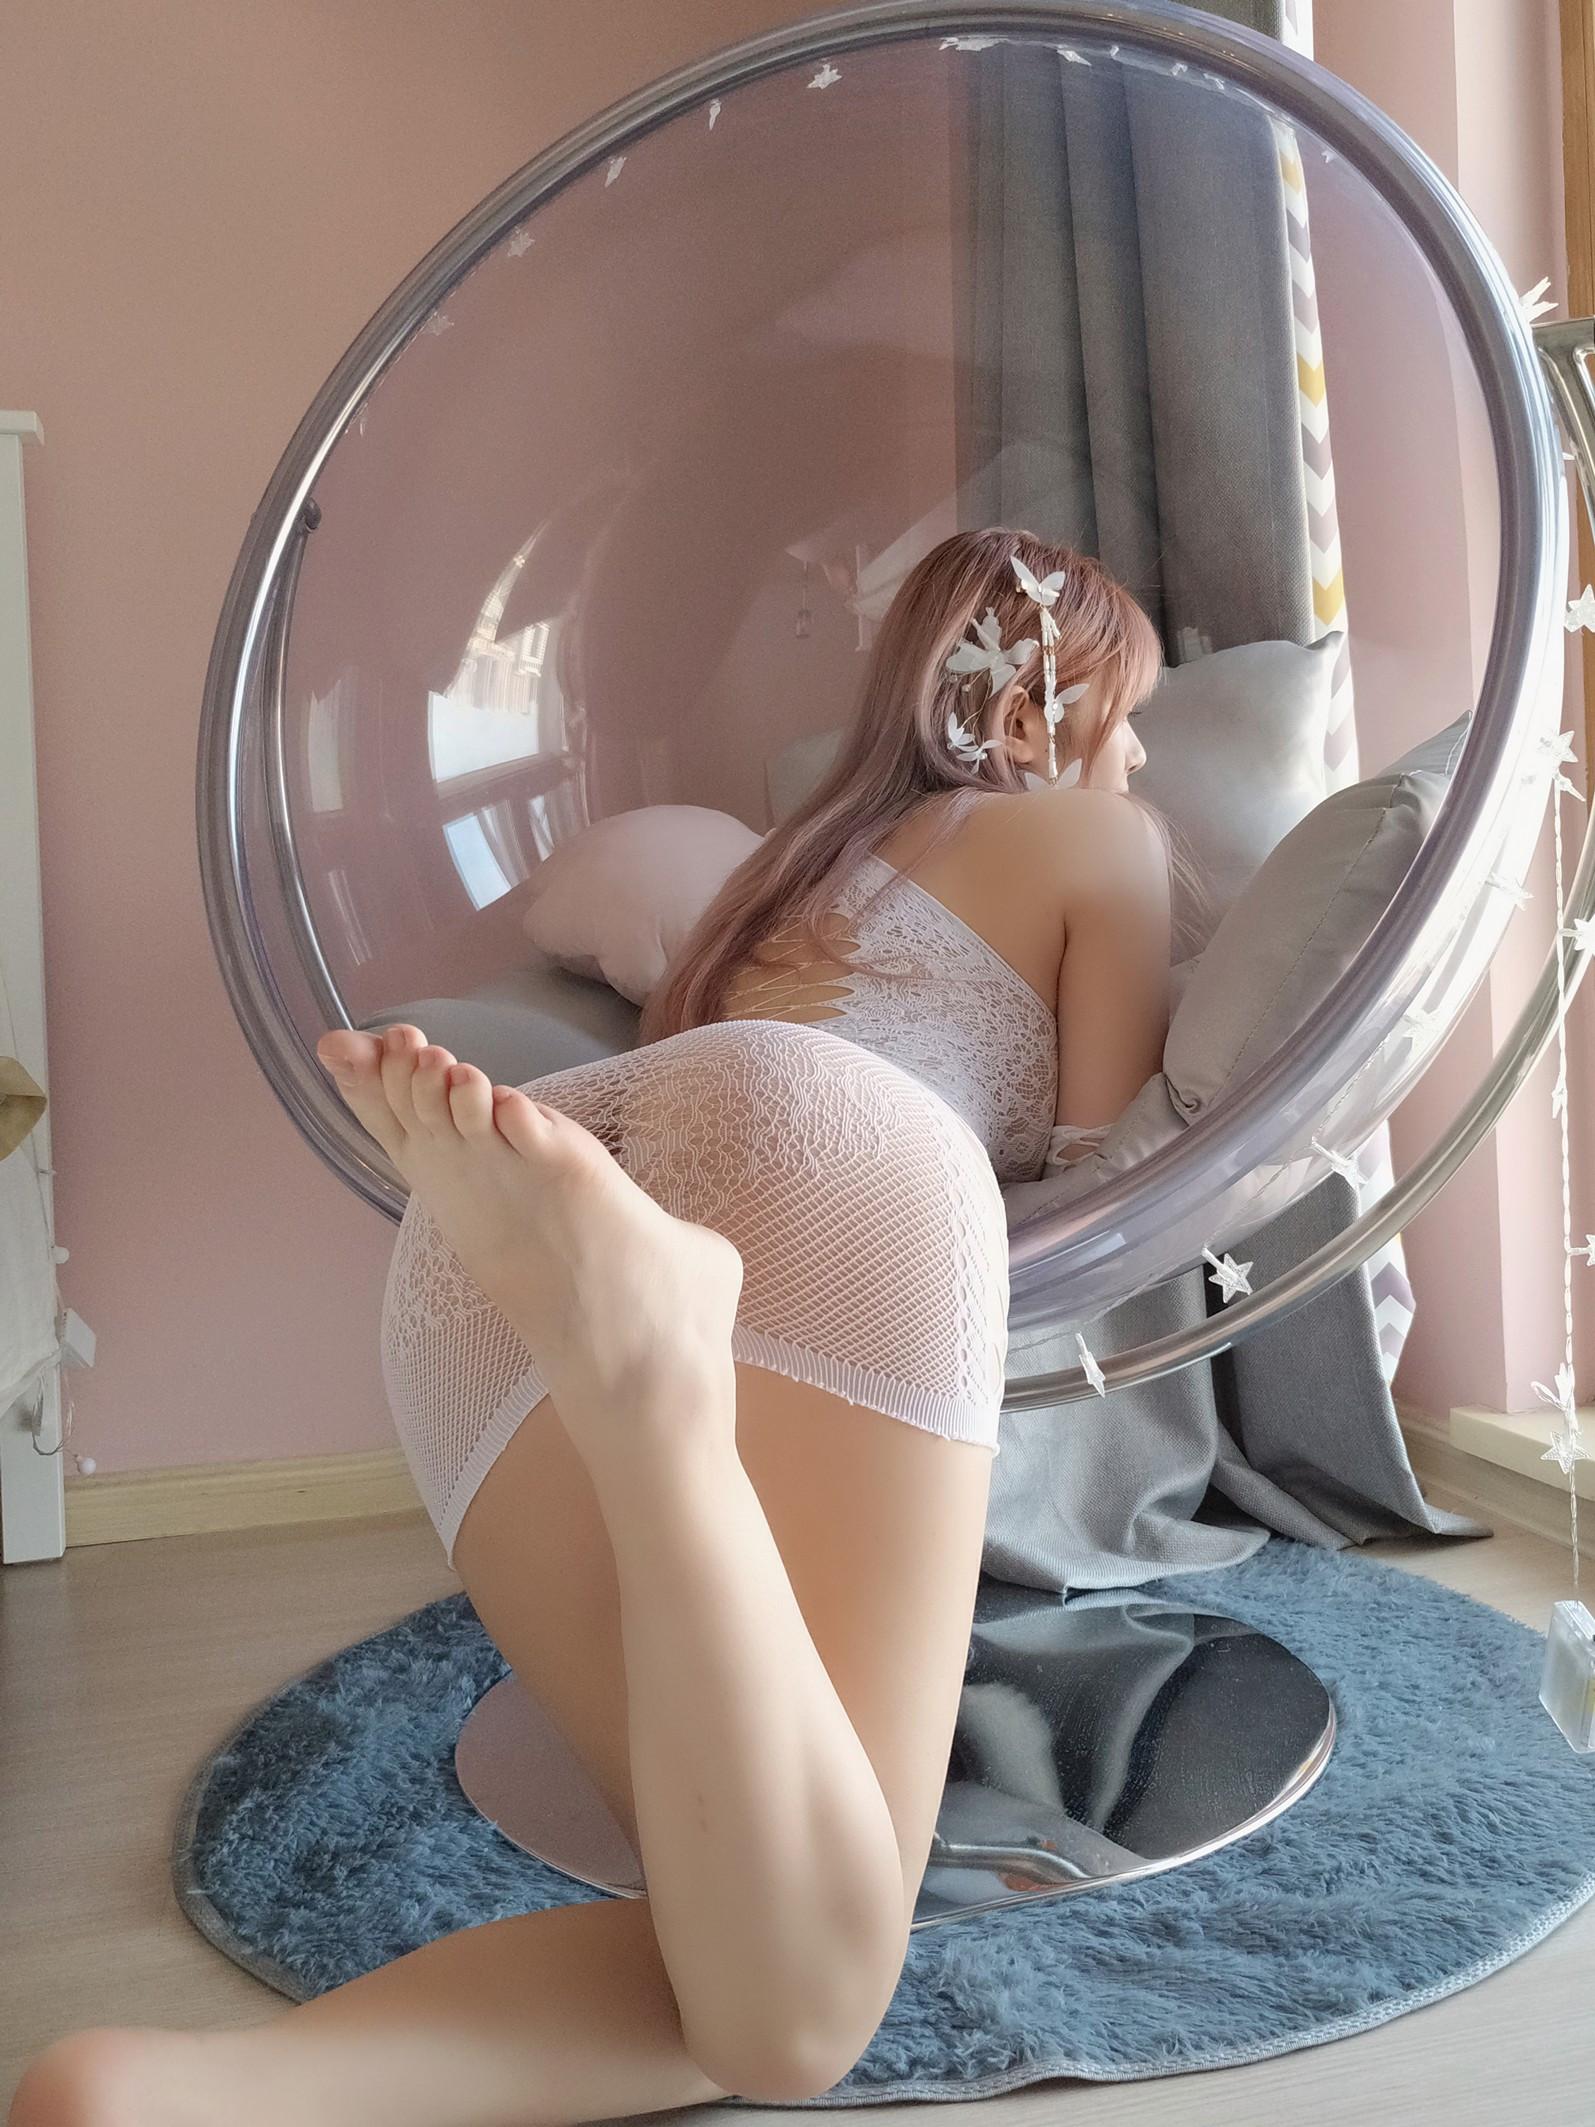 Wenmei - White butterfly selfie 033